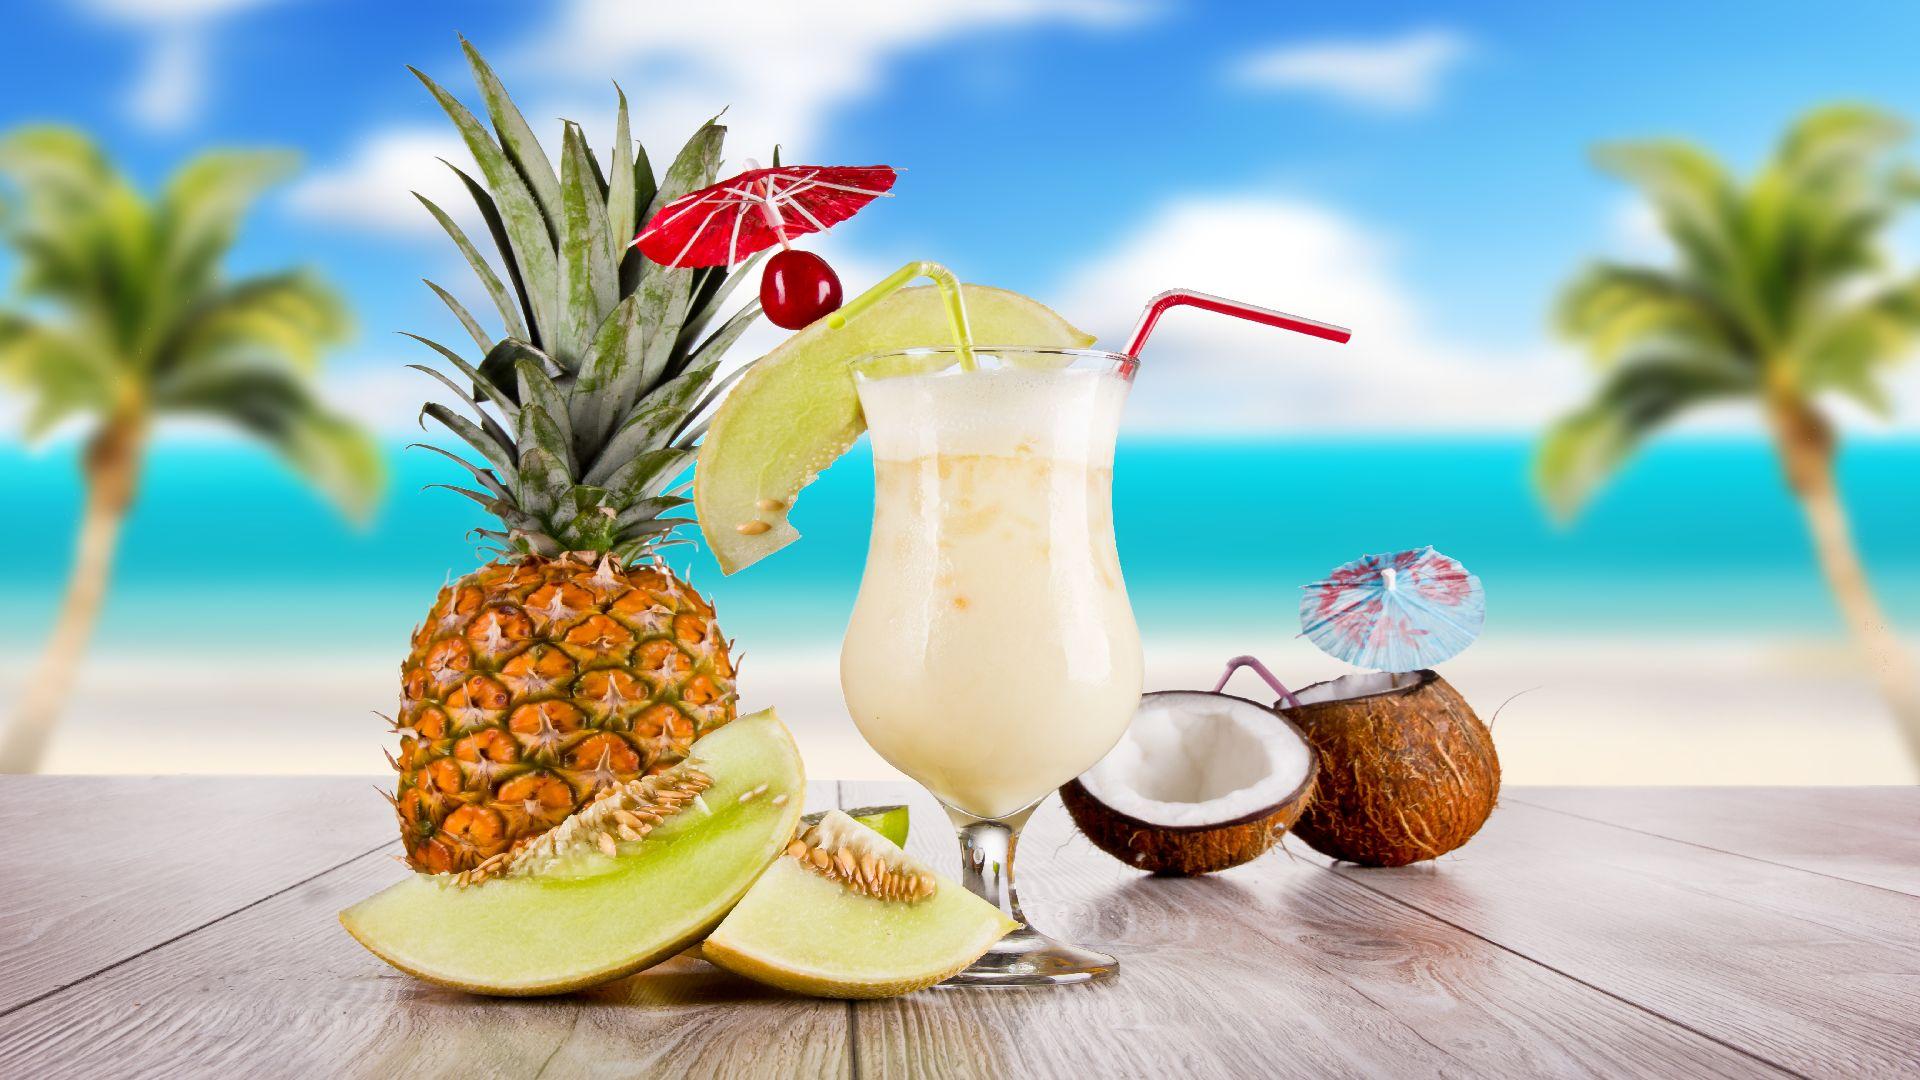 Hawaii/Beach/ Tropical thema achtergrond huren.